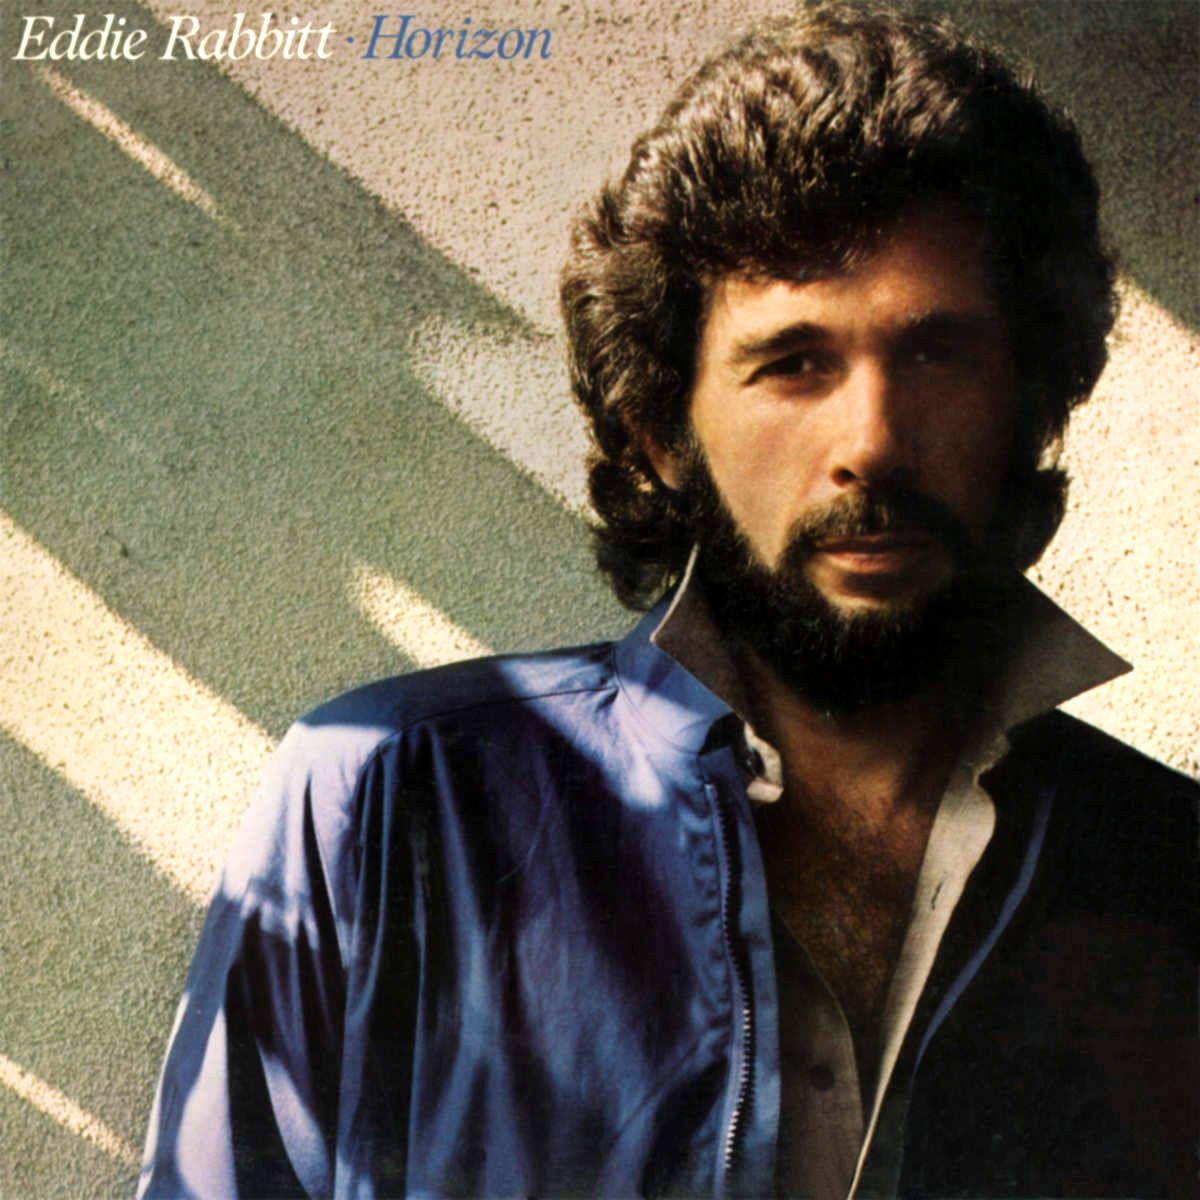 1980 Eddie Rabbitt – Horizon